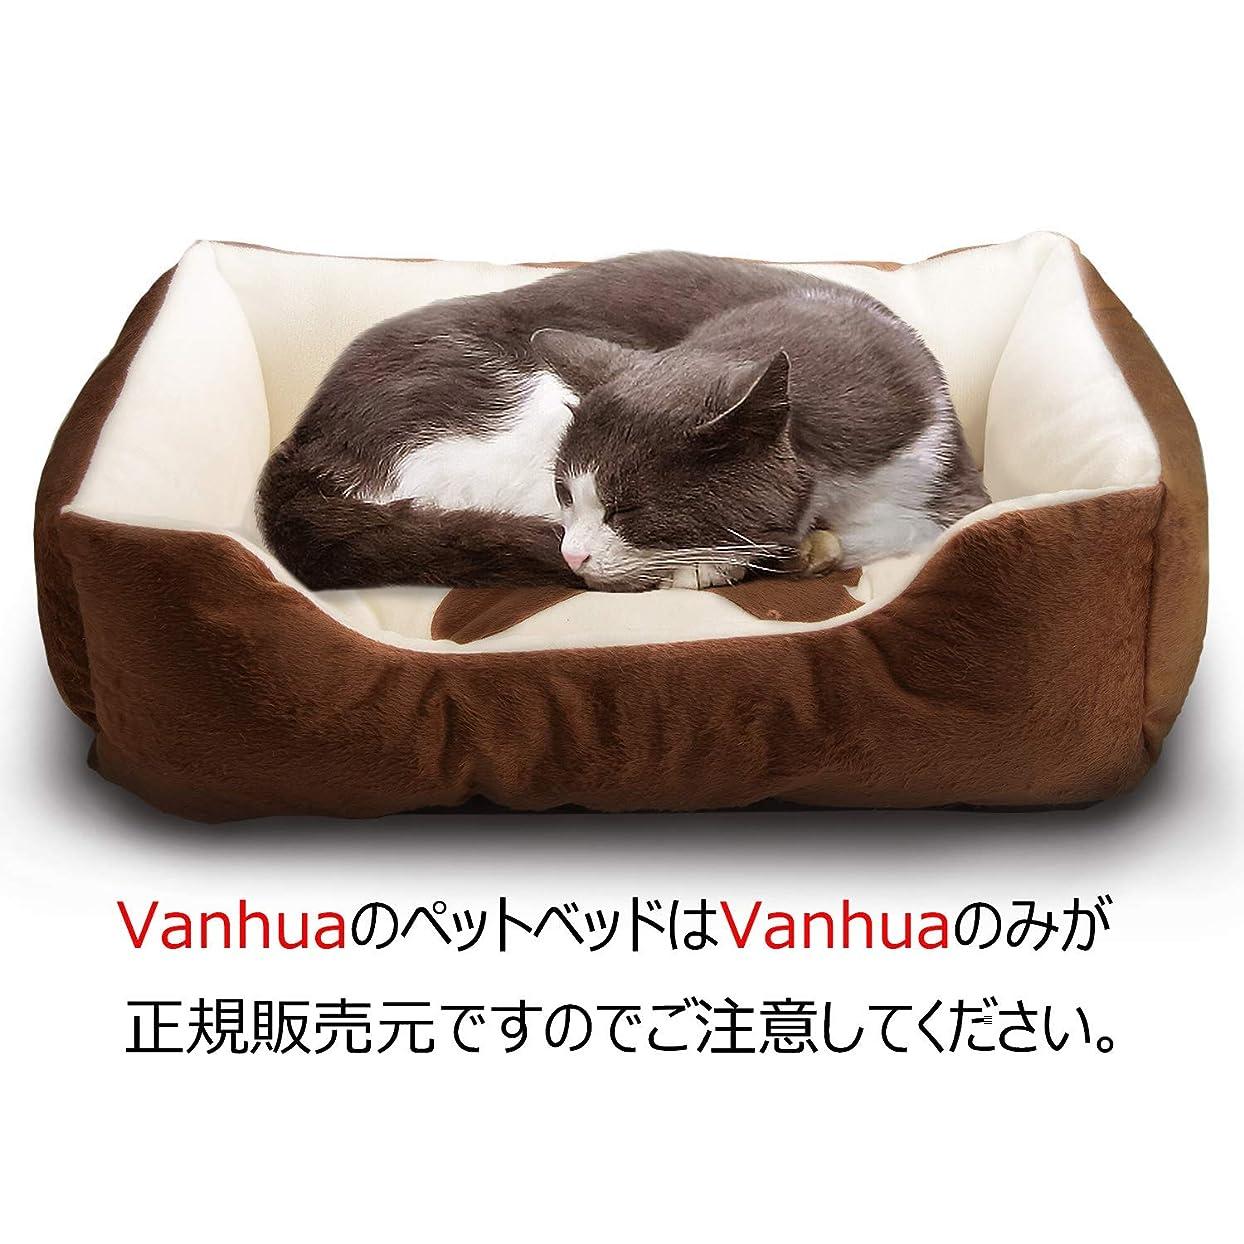 実施する予防接種ファイアルVanhua ペットベット ペットソファ ソフト マットペット用品 通年タイプ クッション 洗える ふんわり一年中使えます中型猫/犬用 (Mサイズ)